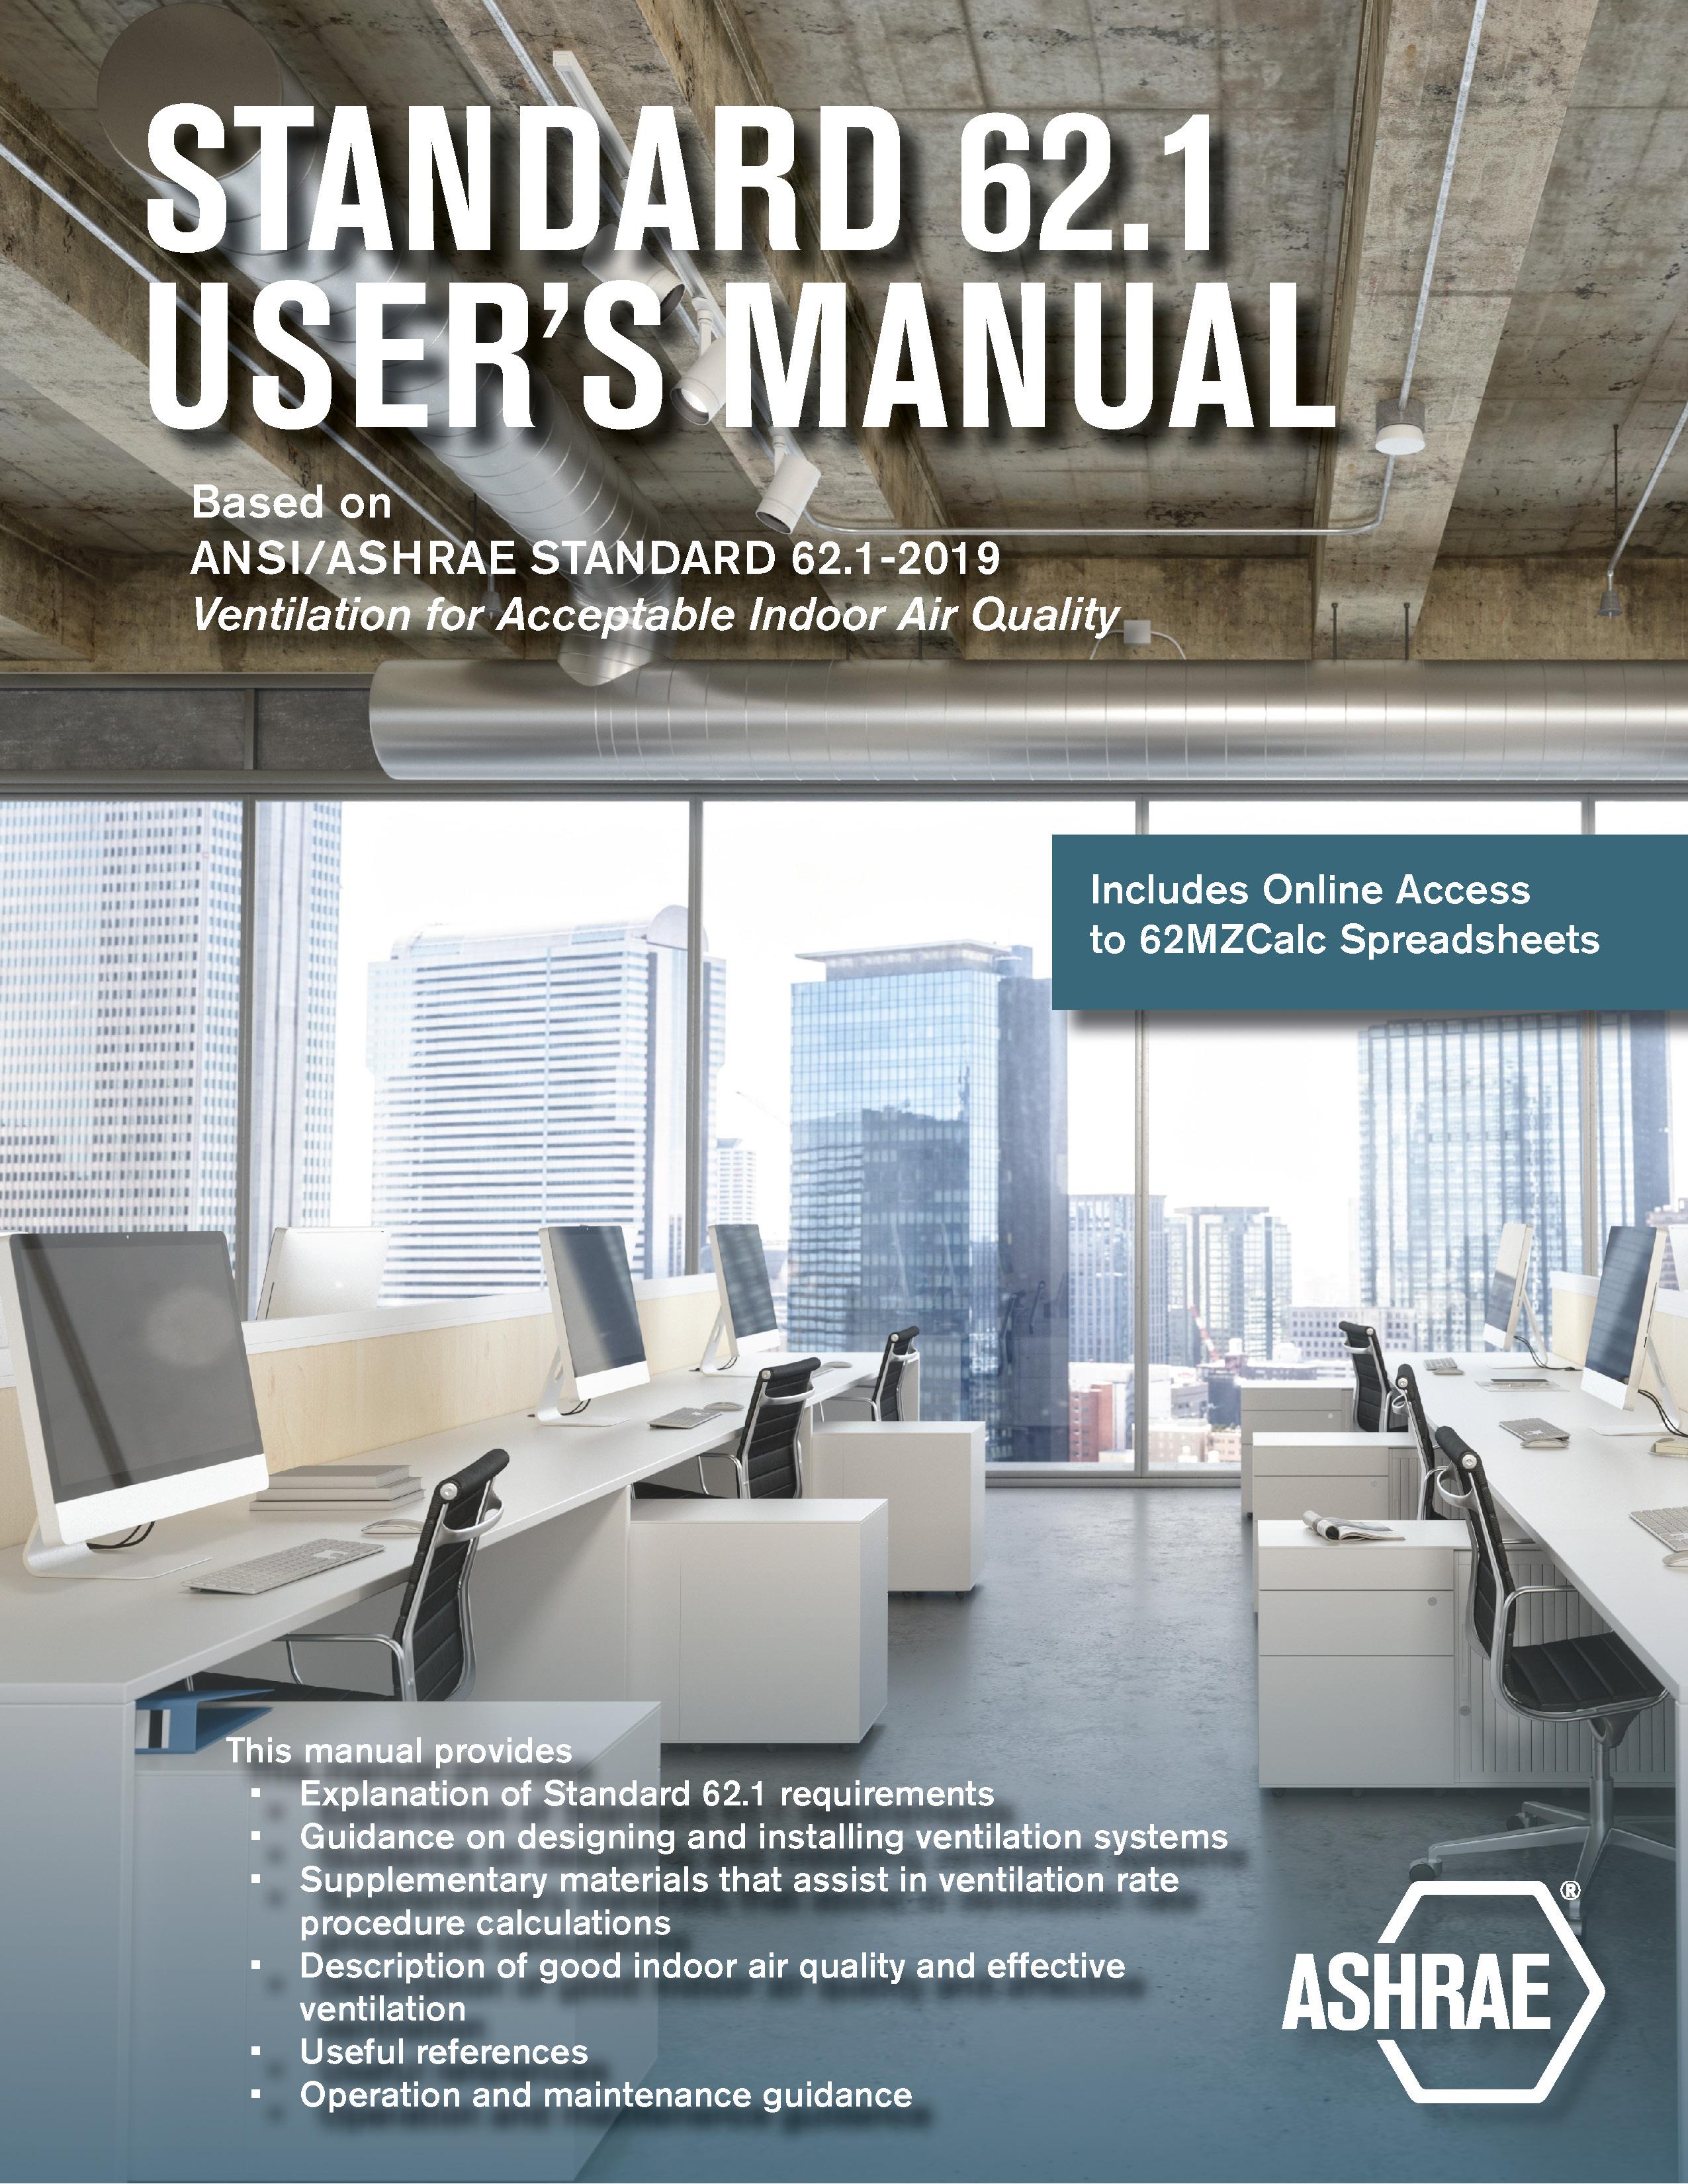 ASHRAE Standard 62.1 User's Manual